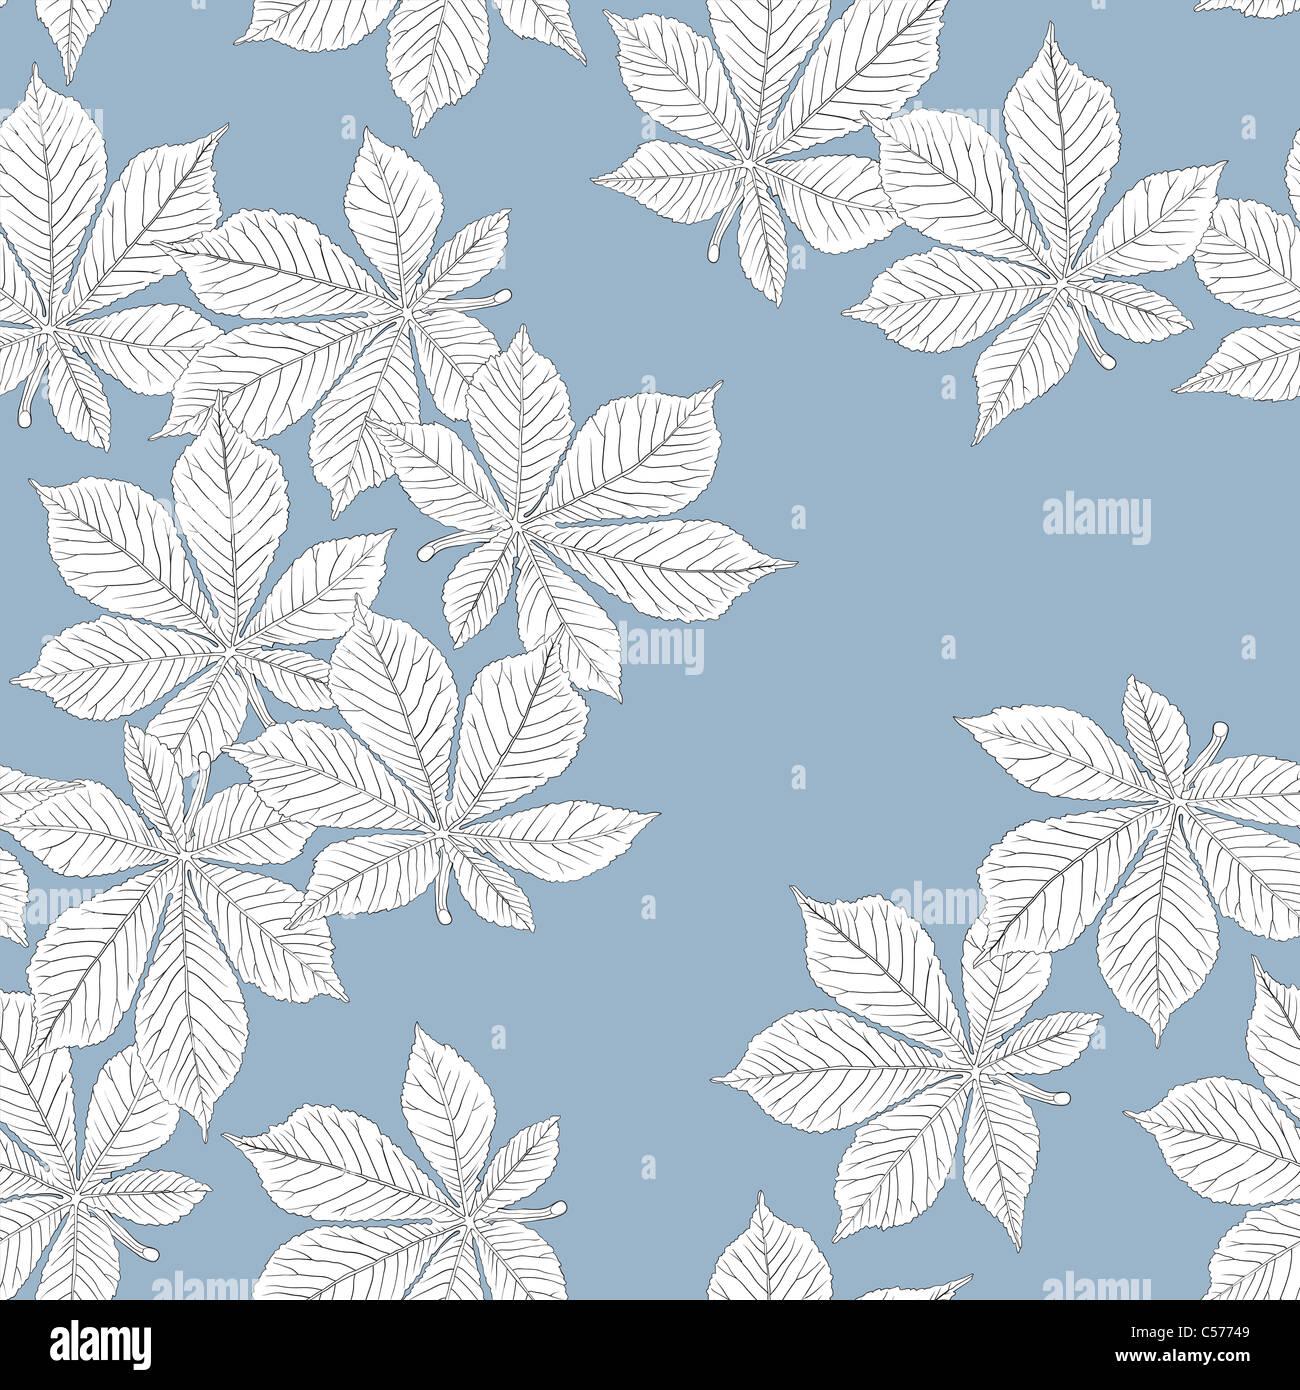 Chestnut leaves. Seamless pattern. Vector, eps8, easy editable. - Stock Image